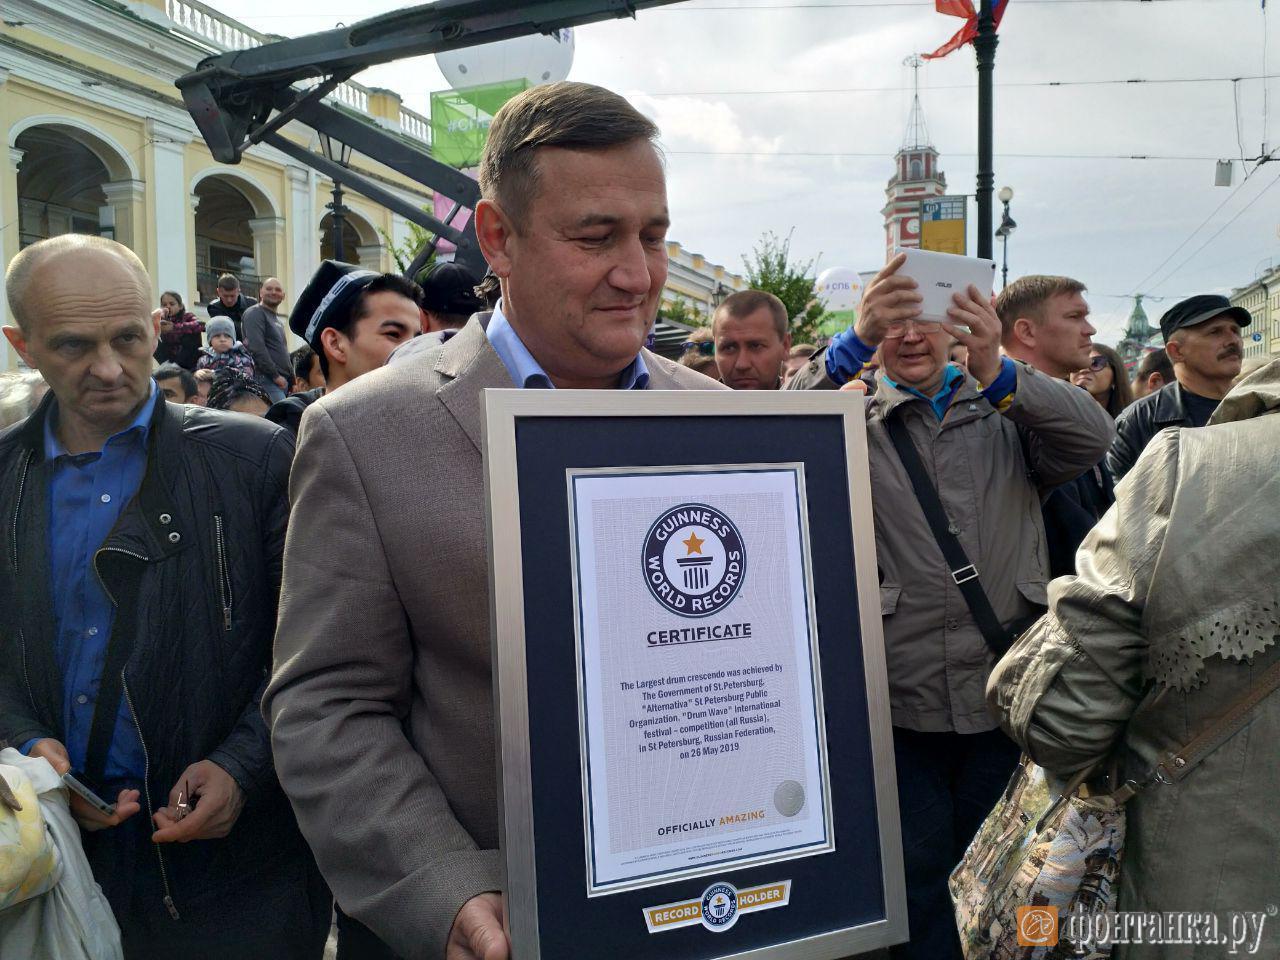 Председатель Комитета по культуре Константин Сухенко уже получил сертификат